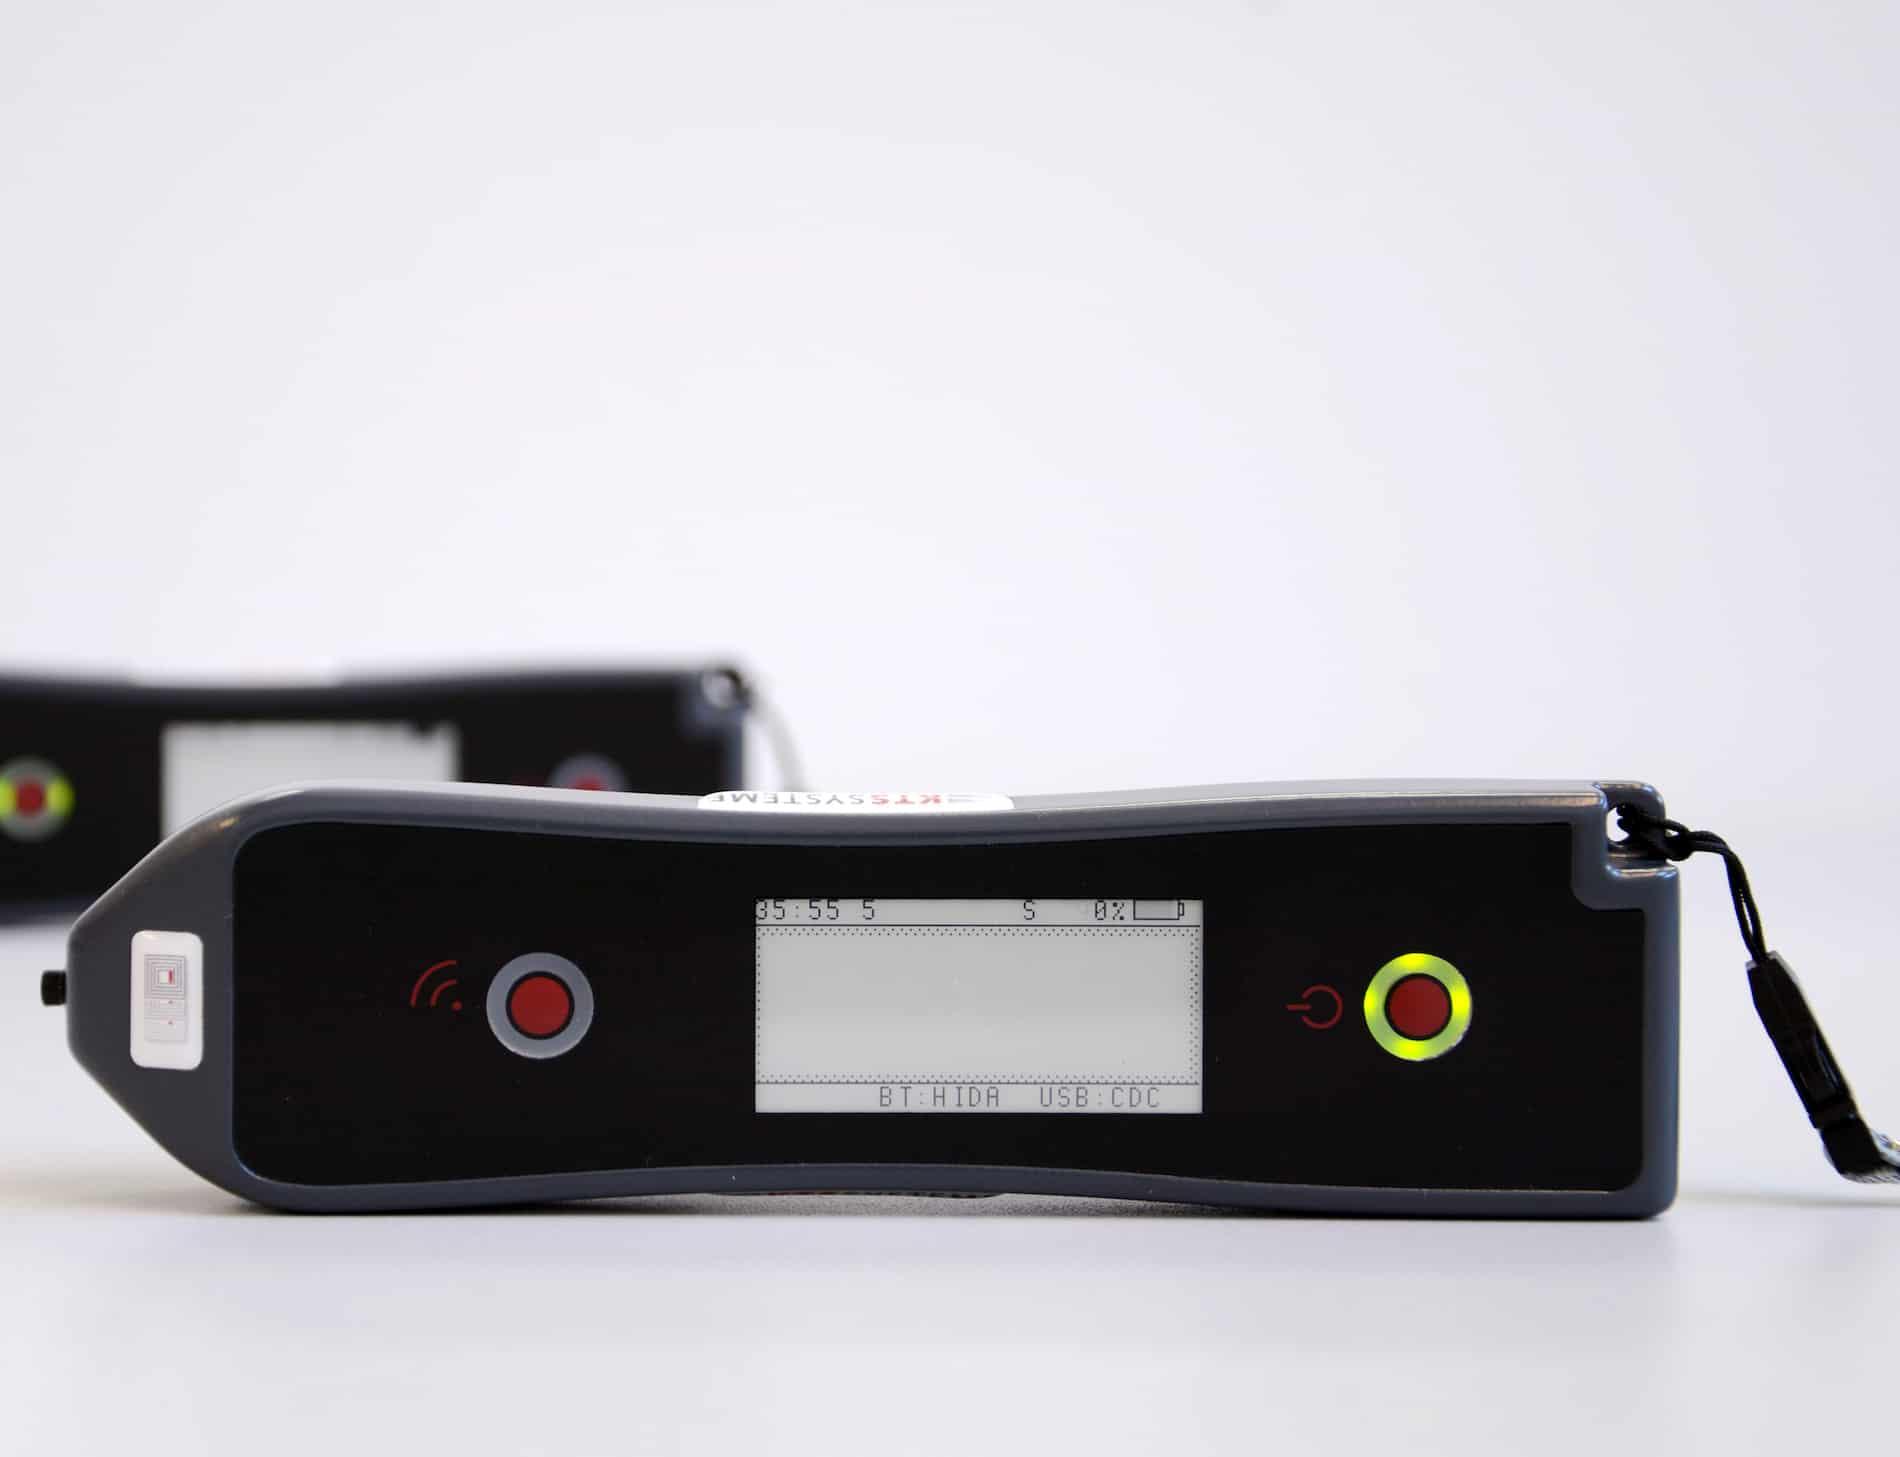 Beispiel für einen RFID-Scanner